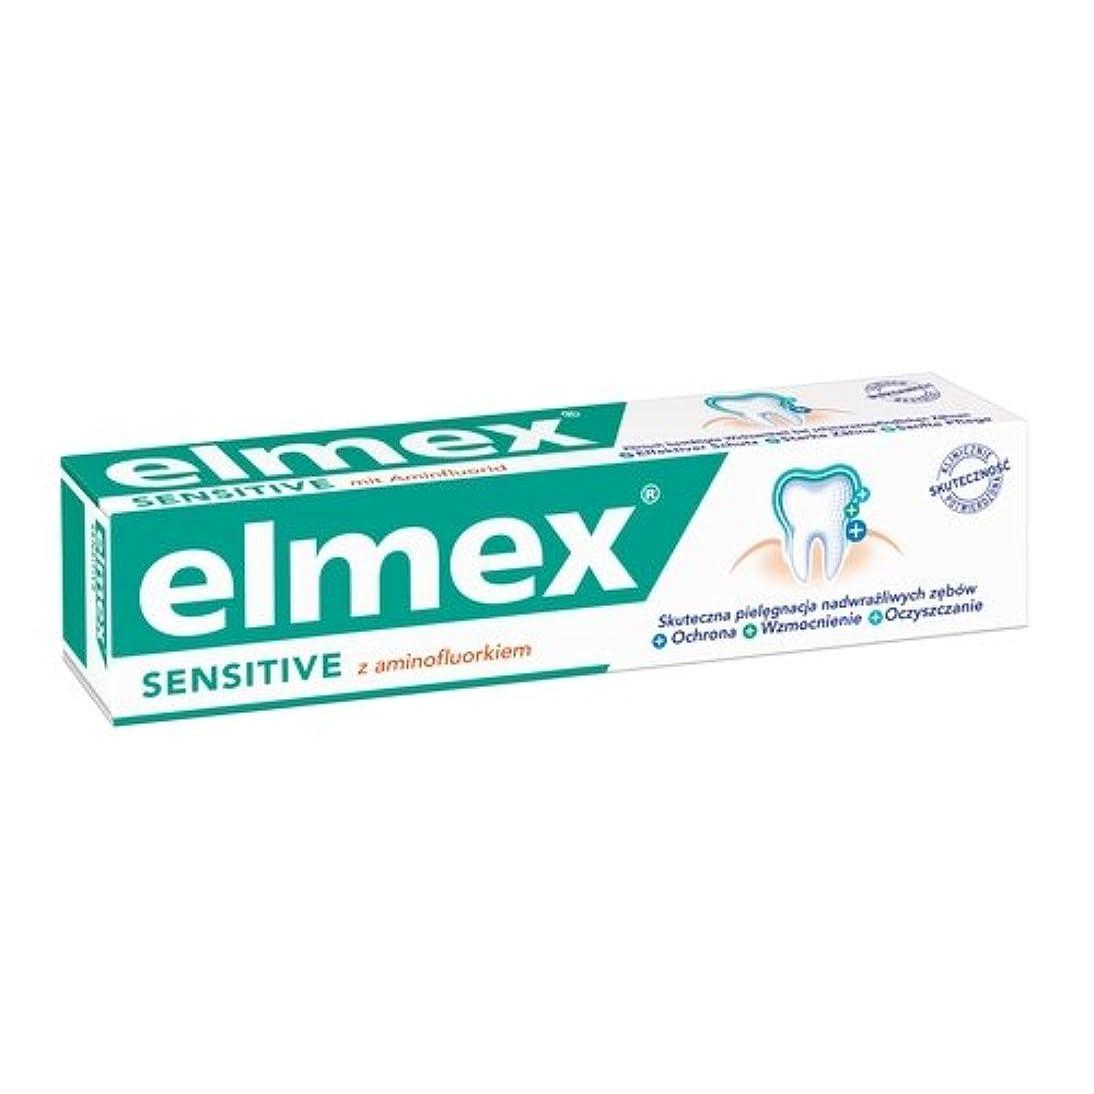 間違いなく巨大な間エルメックス センシティブ 歯磨き粉 Elmex Sensitive 75ml [並行輸入品]